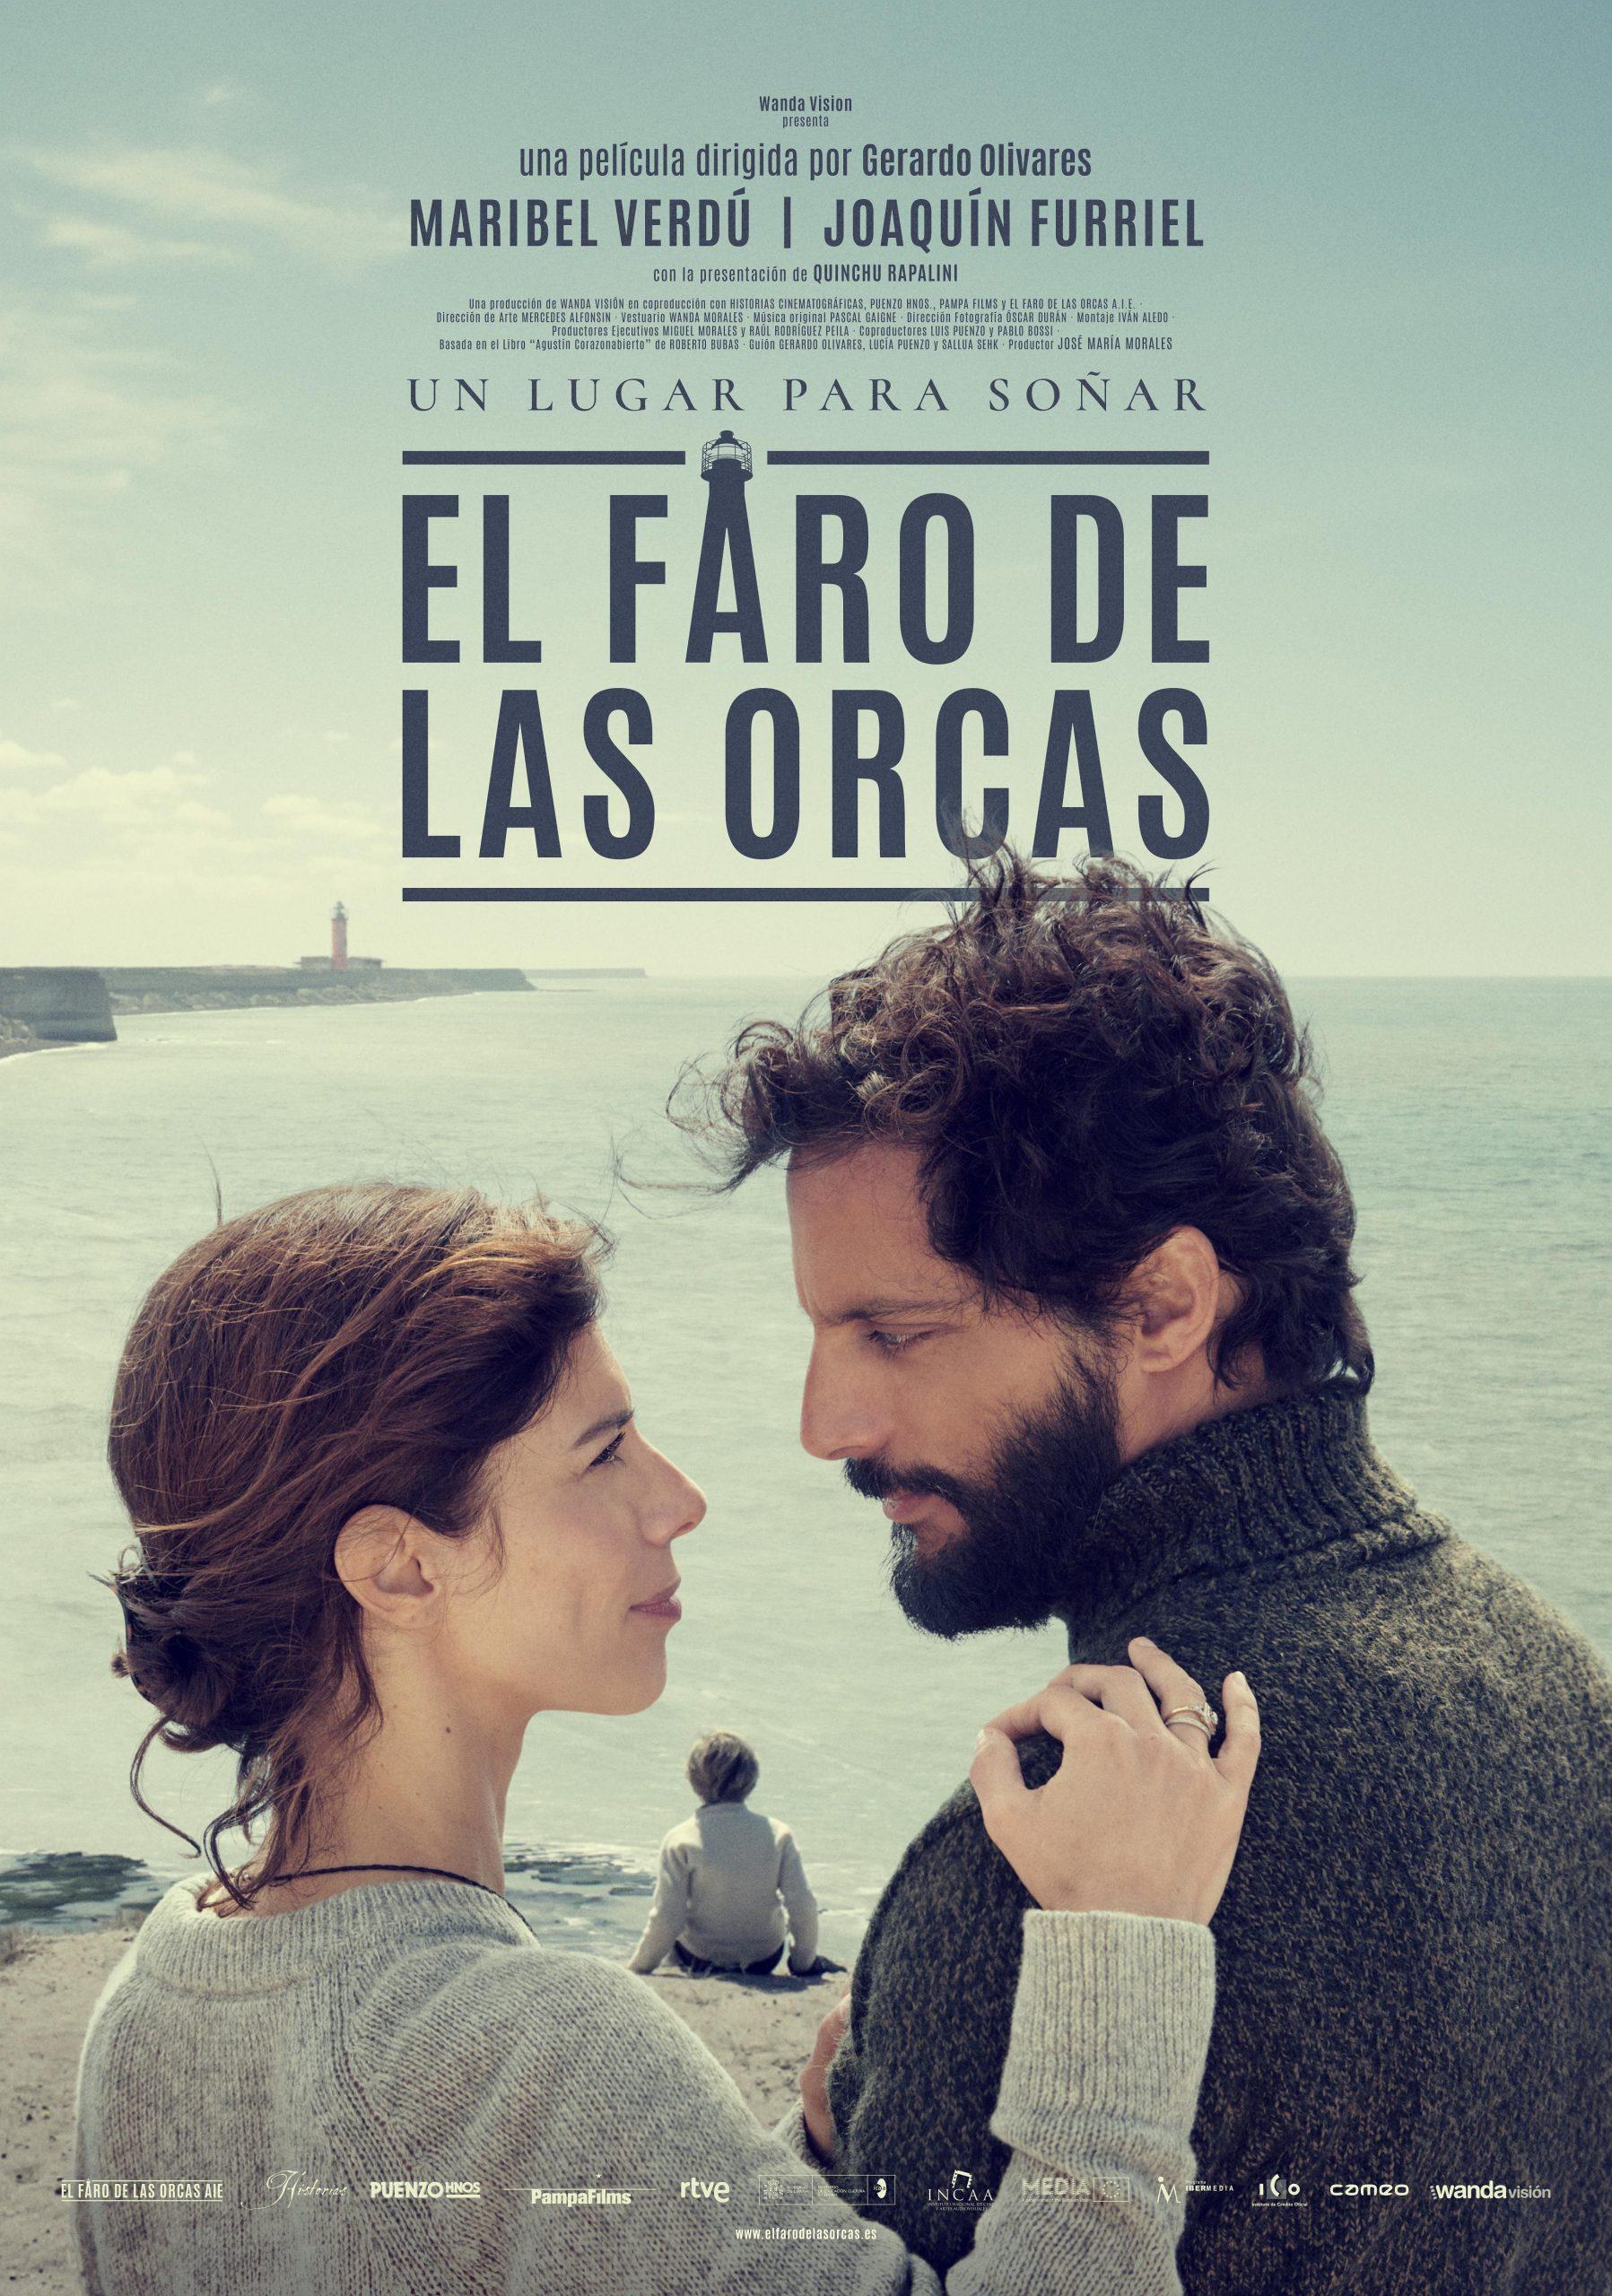 Farol das Orcas – Novo filme da Netflix + 9 obras com personagens dentro do espectro autista